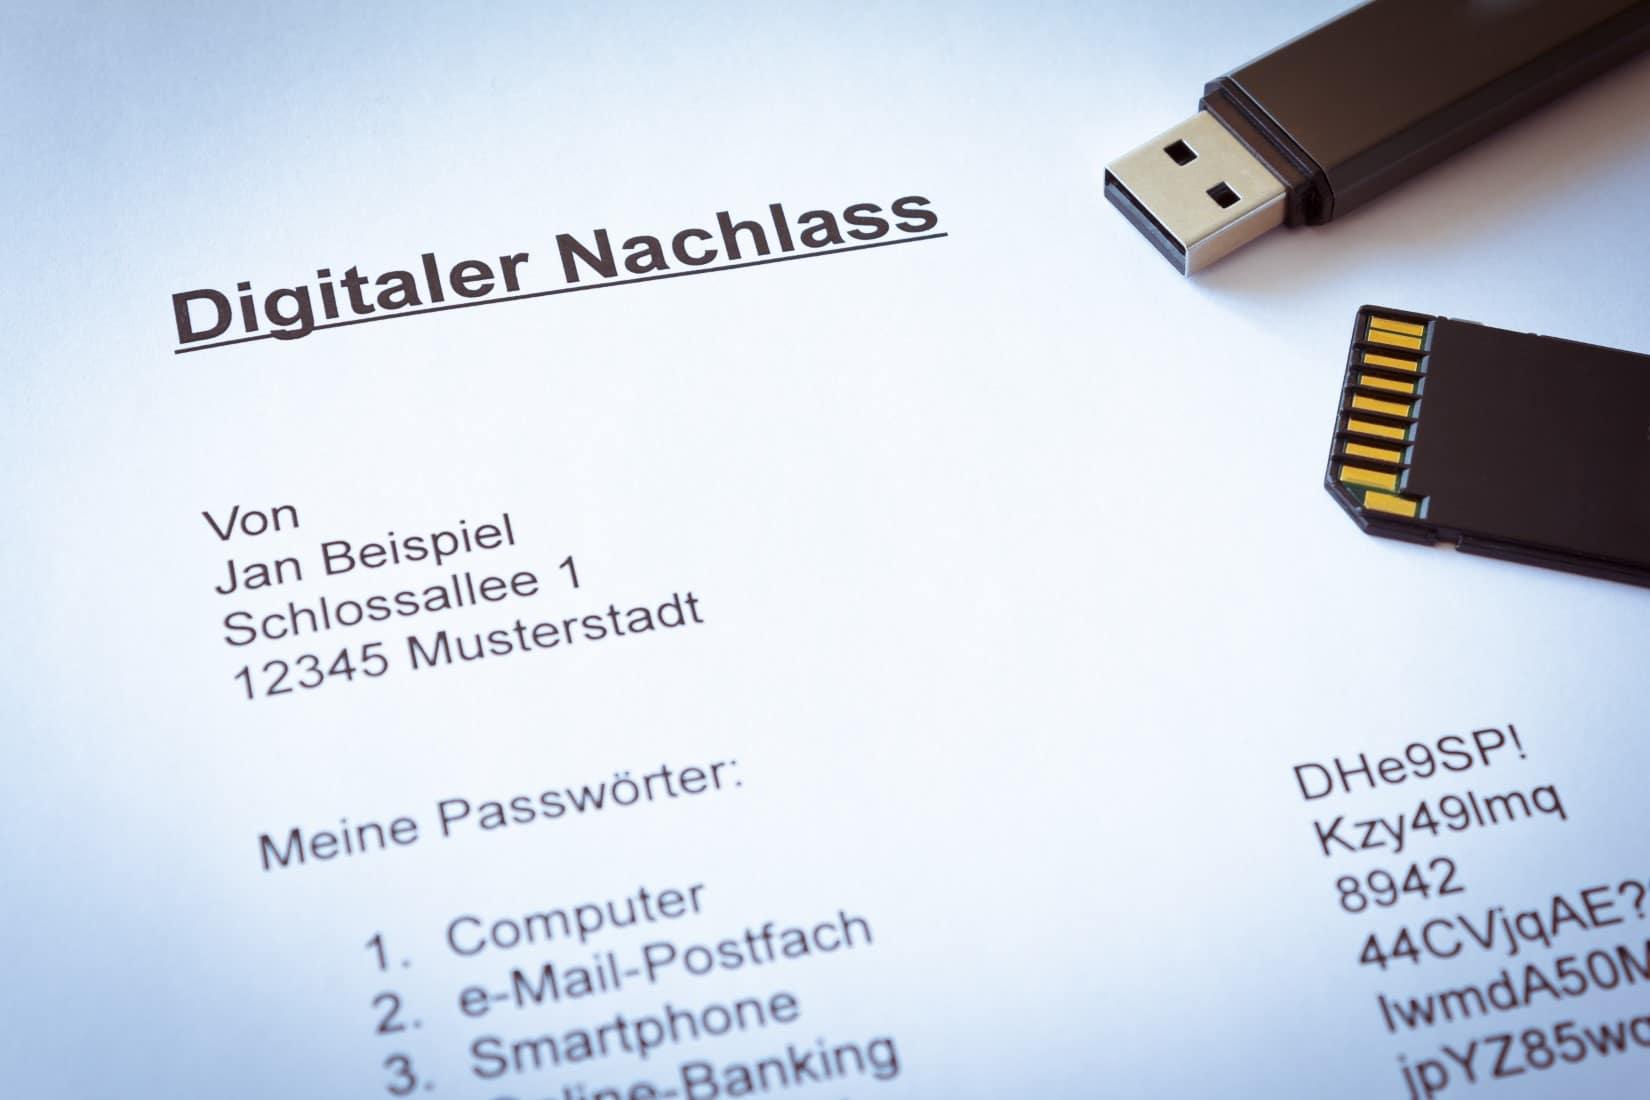 Digitaler Nachlass